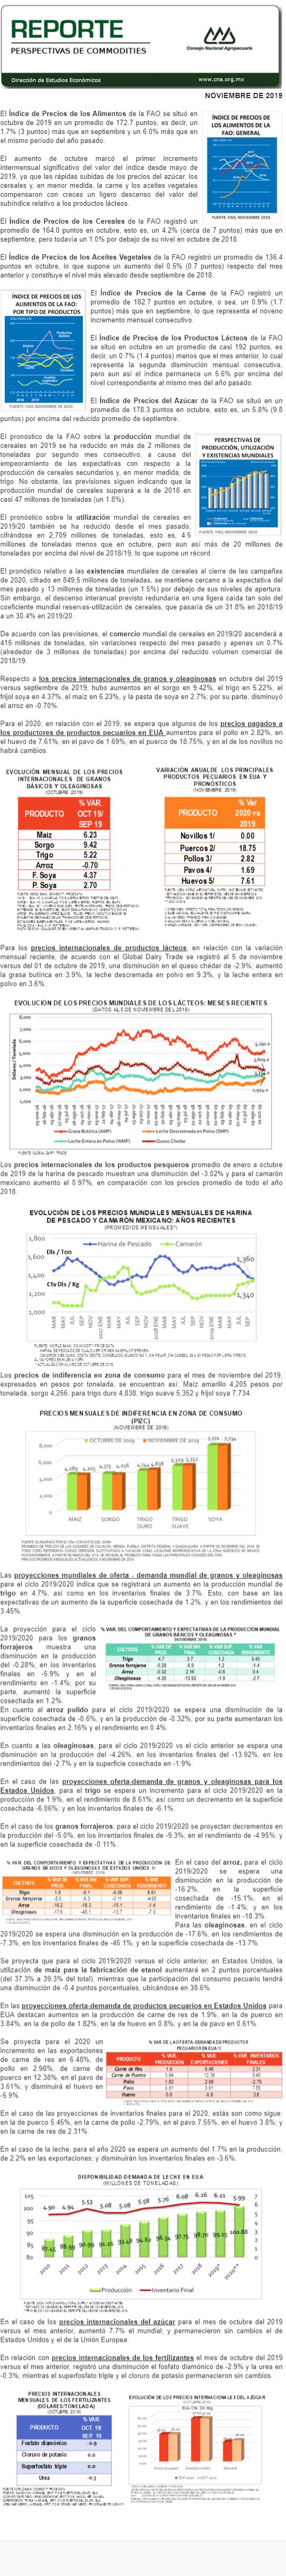 REPORTE DE PERSPECTIVAS DE COMMODITIES DEL MES DE NOVIEMBRE DE 2019